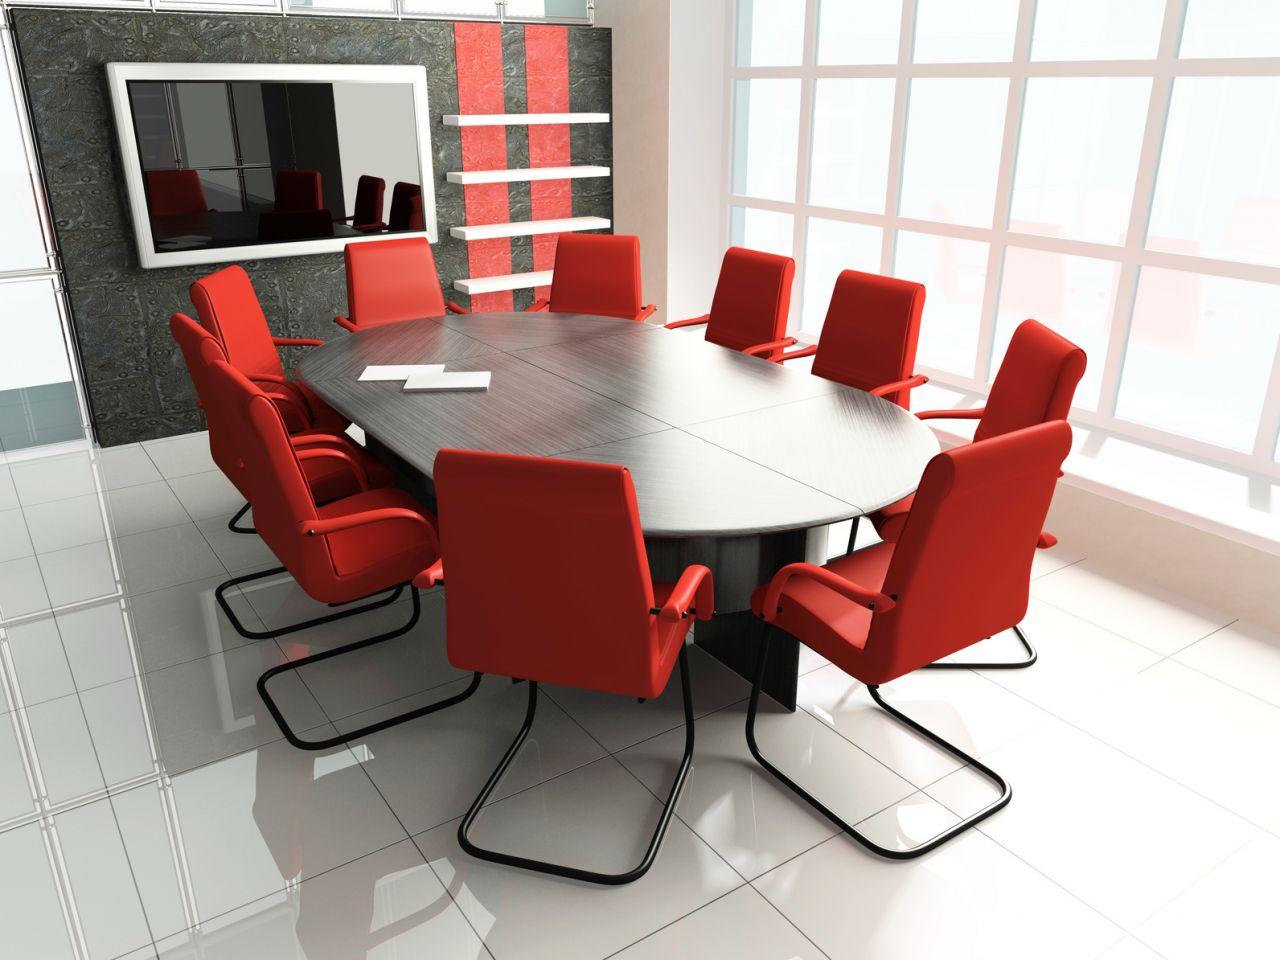 bien quiper une salle de r union quelles sont les conditions respecter. Black Bedroom Furniture Sets. Home Design Ideas